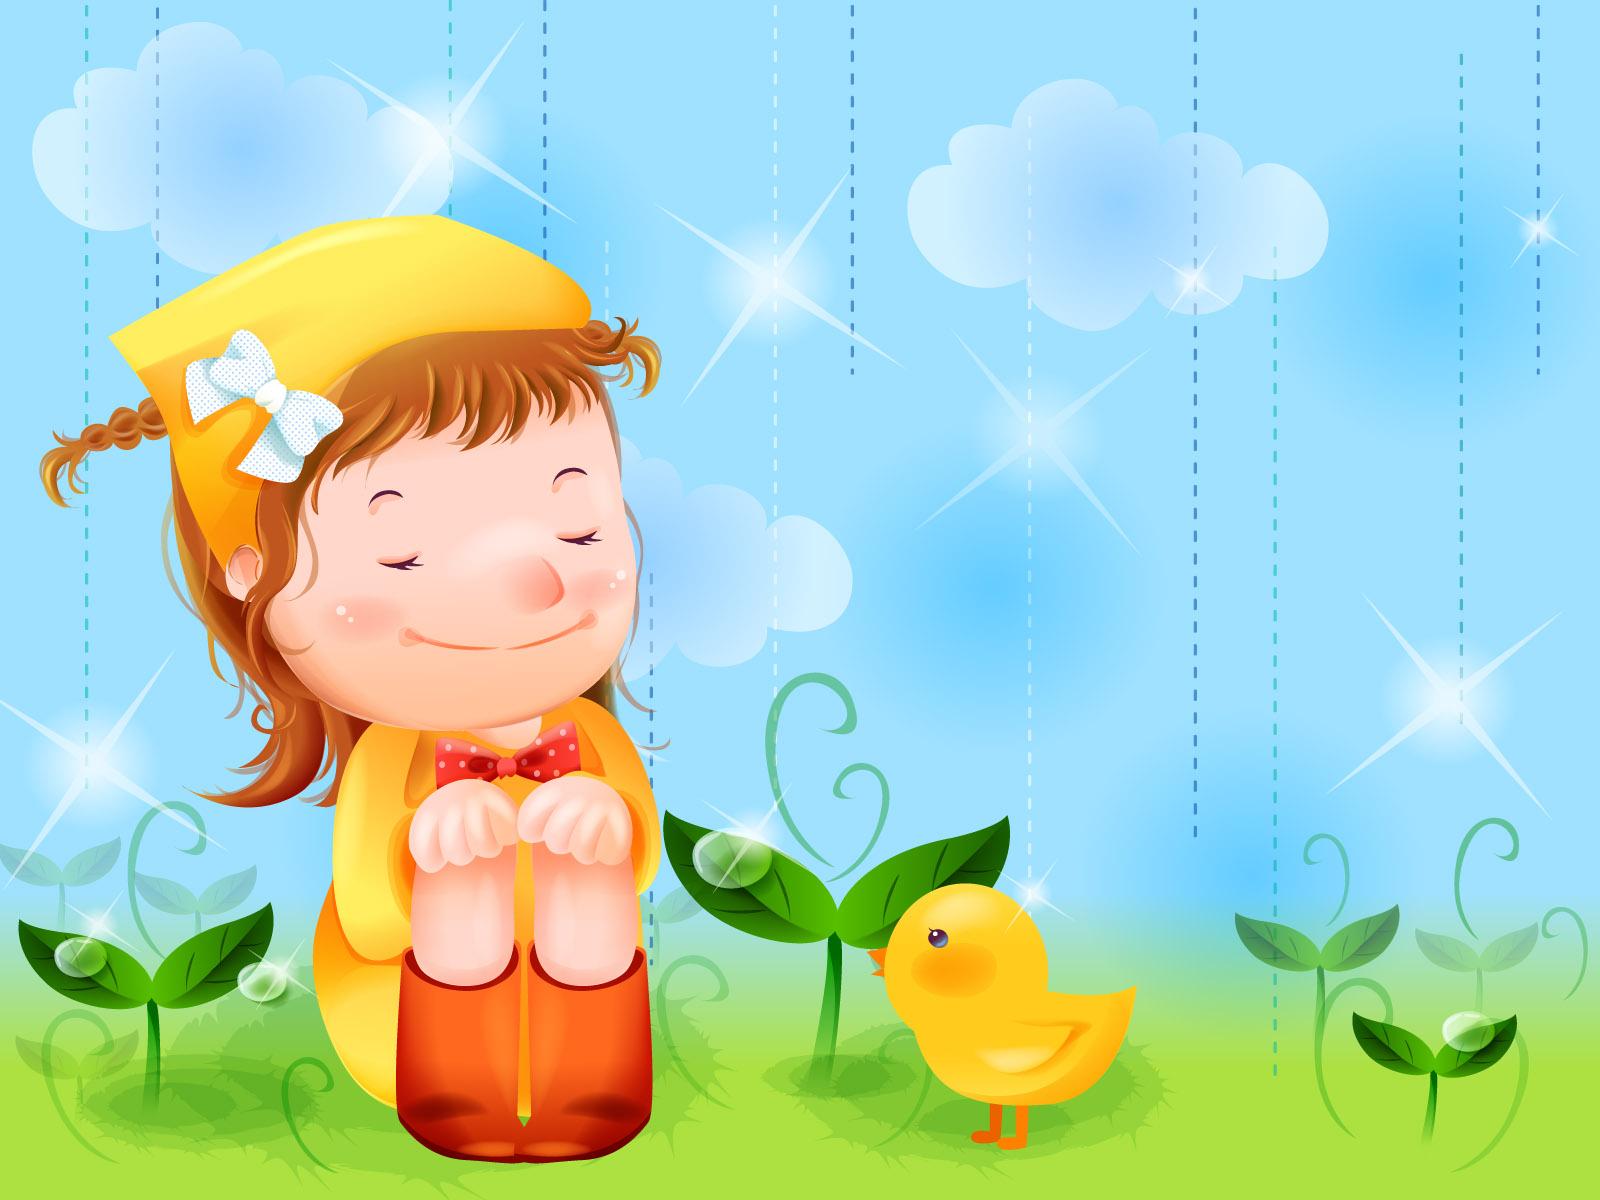 快乐童年第二辑-设计欣赏-素材中国-online.sccnn.com